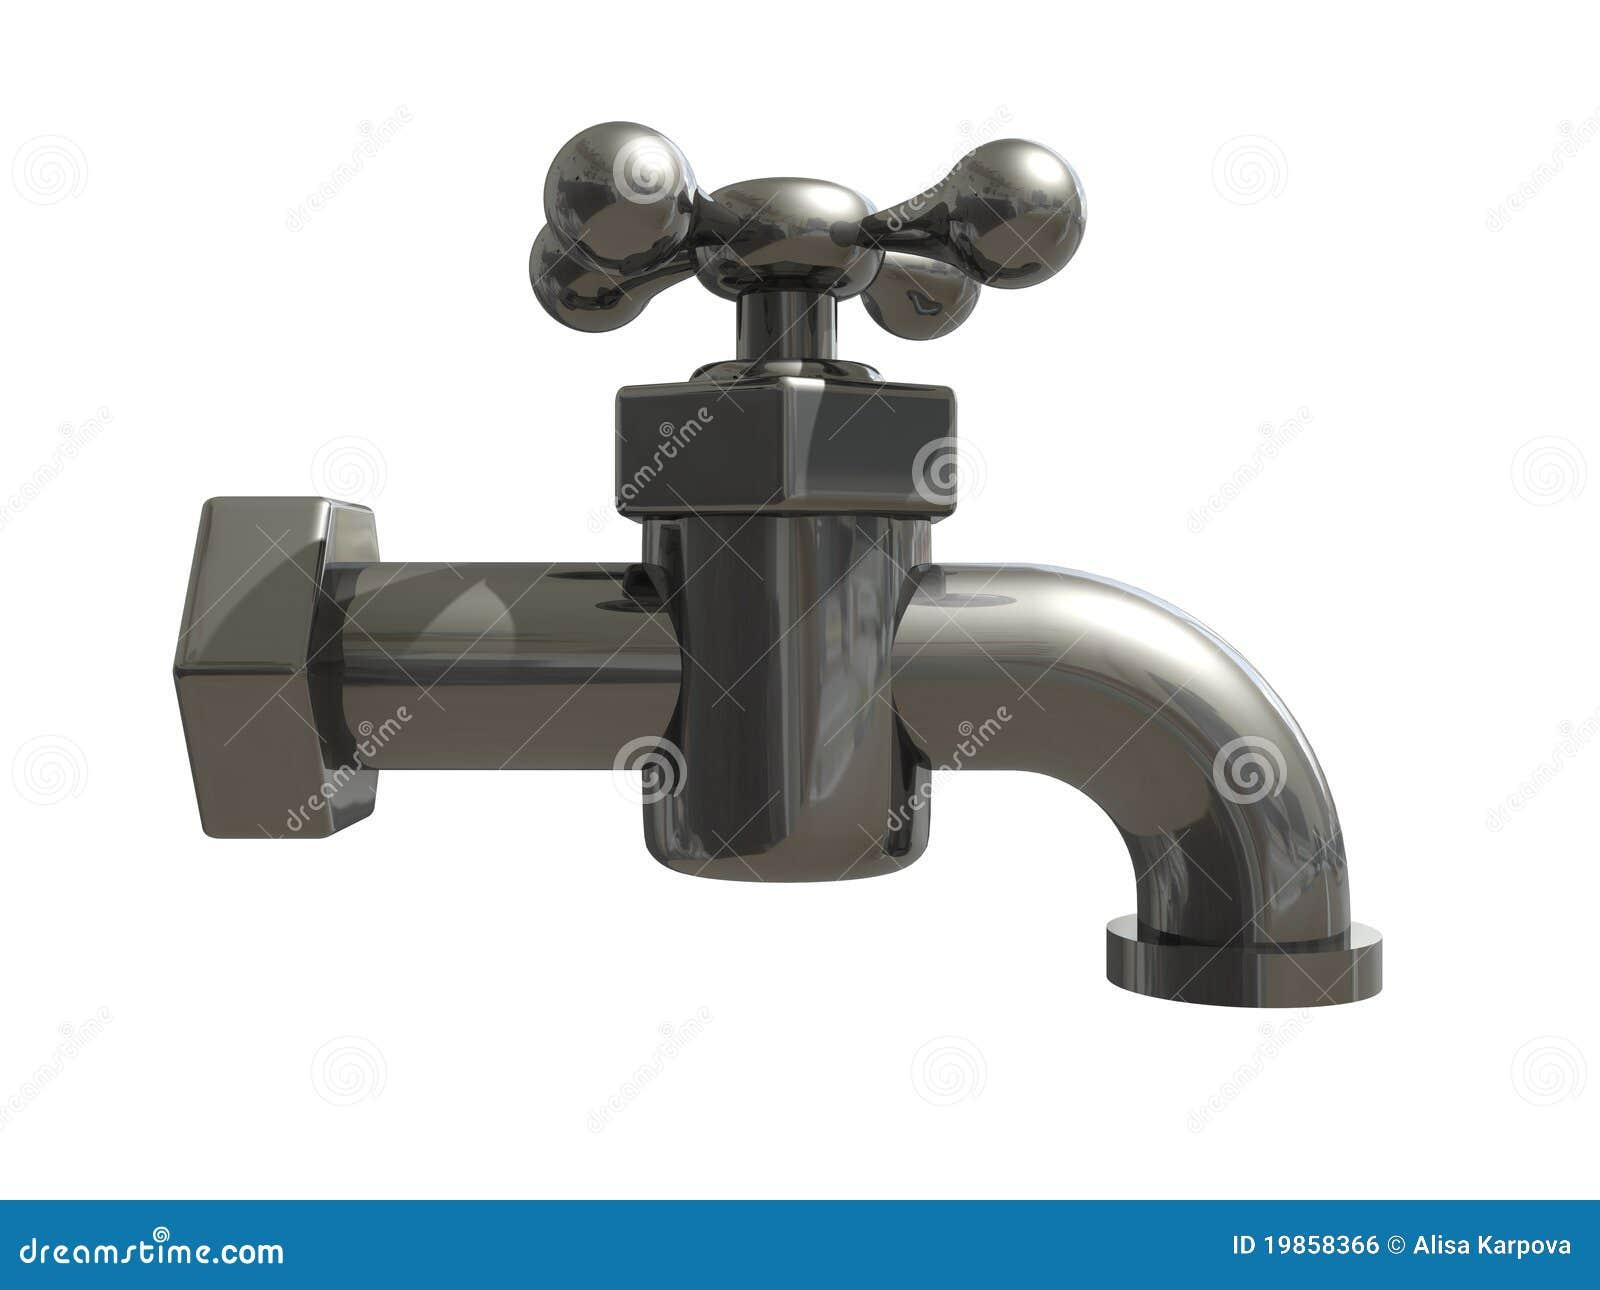 Metal Clean Water Tap Stock Image